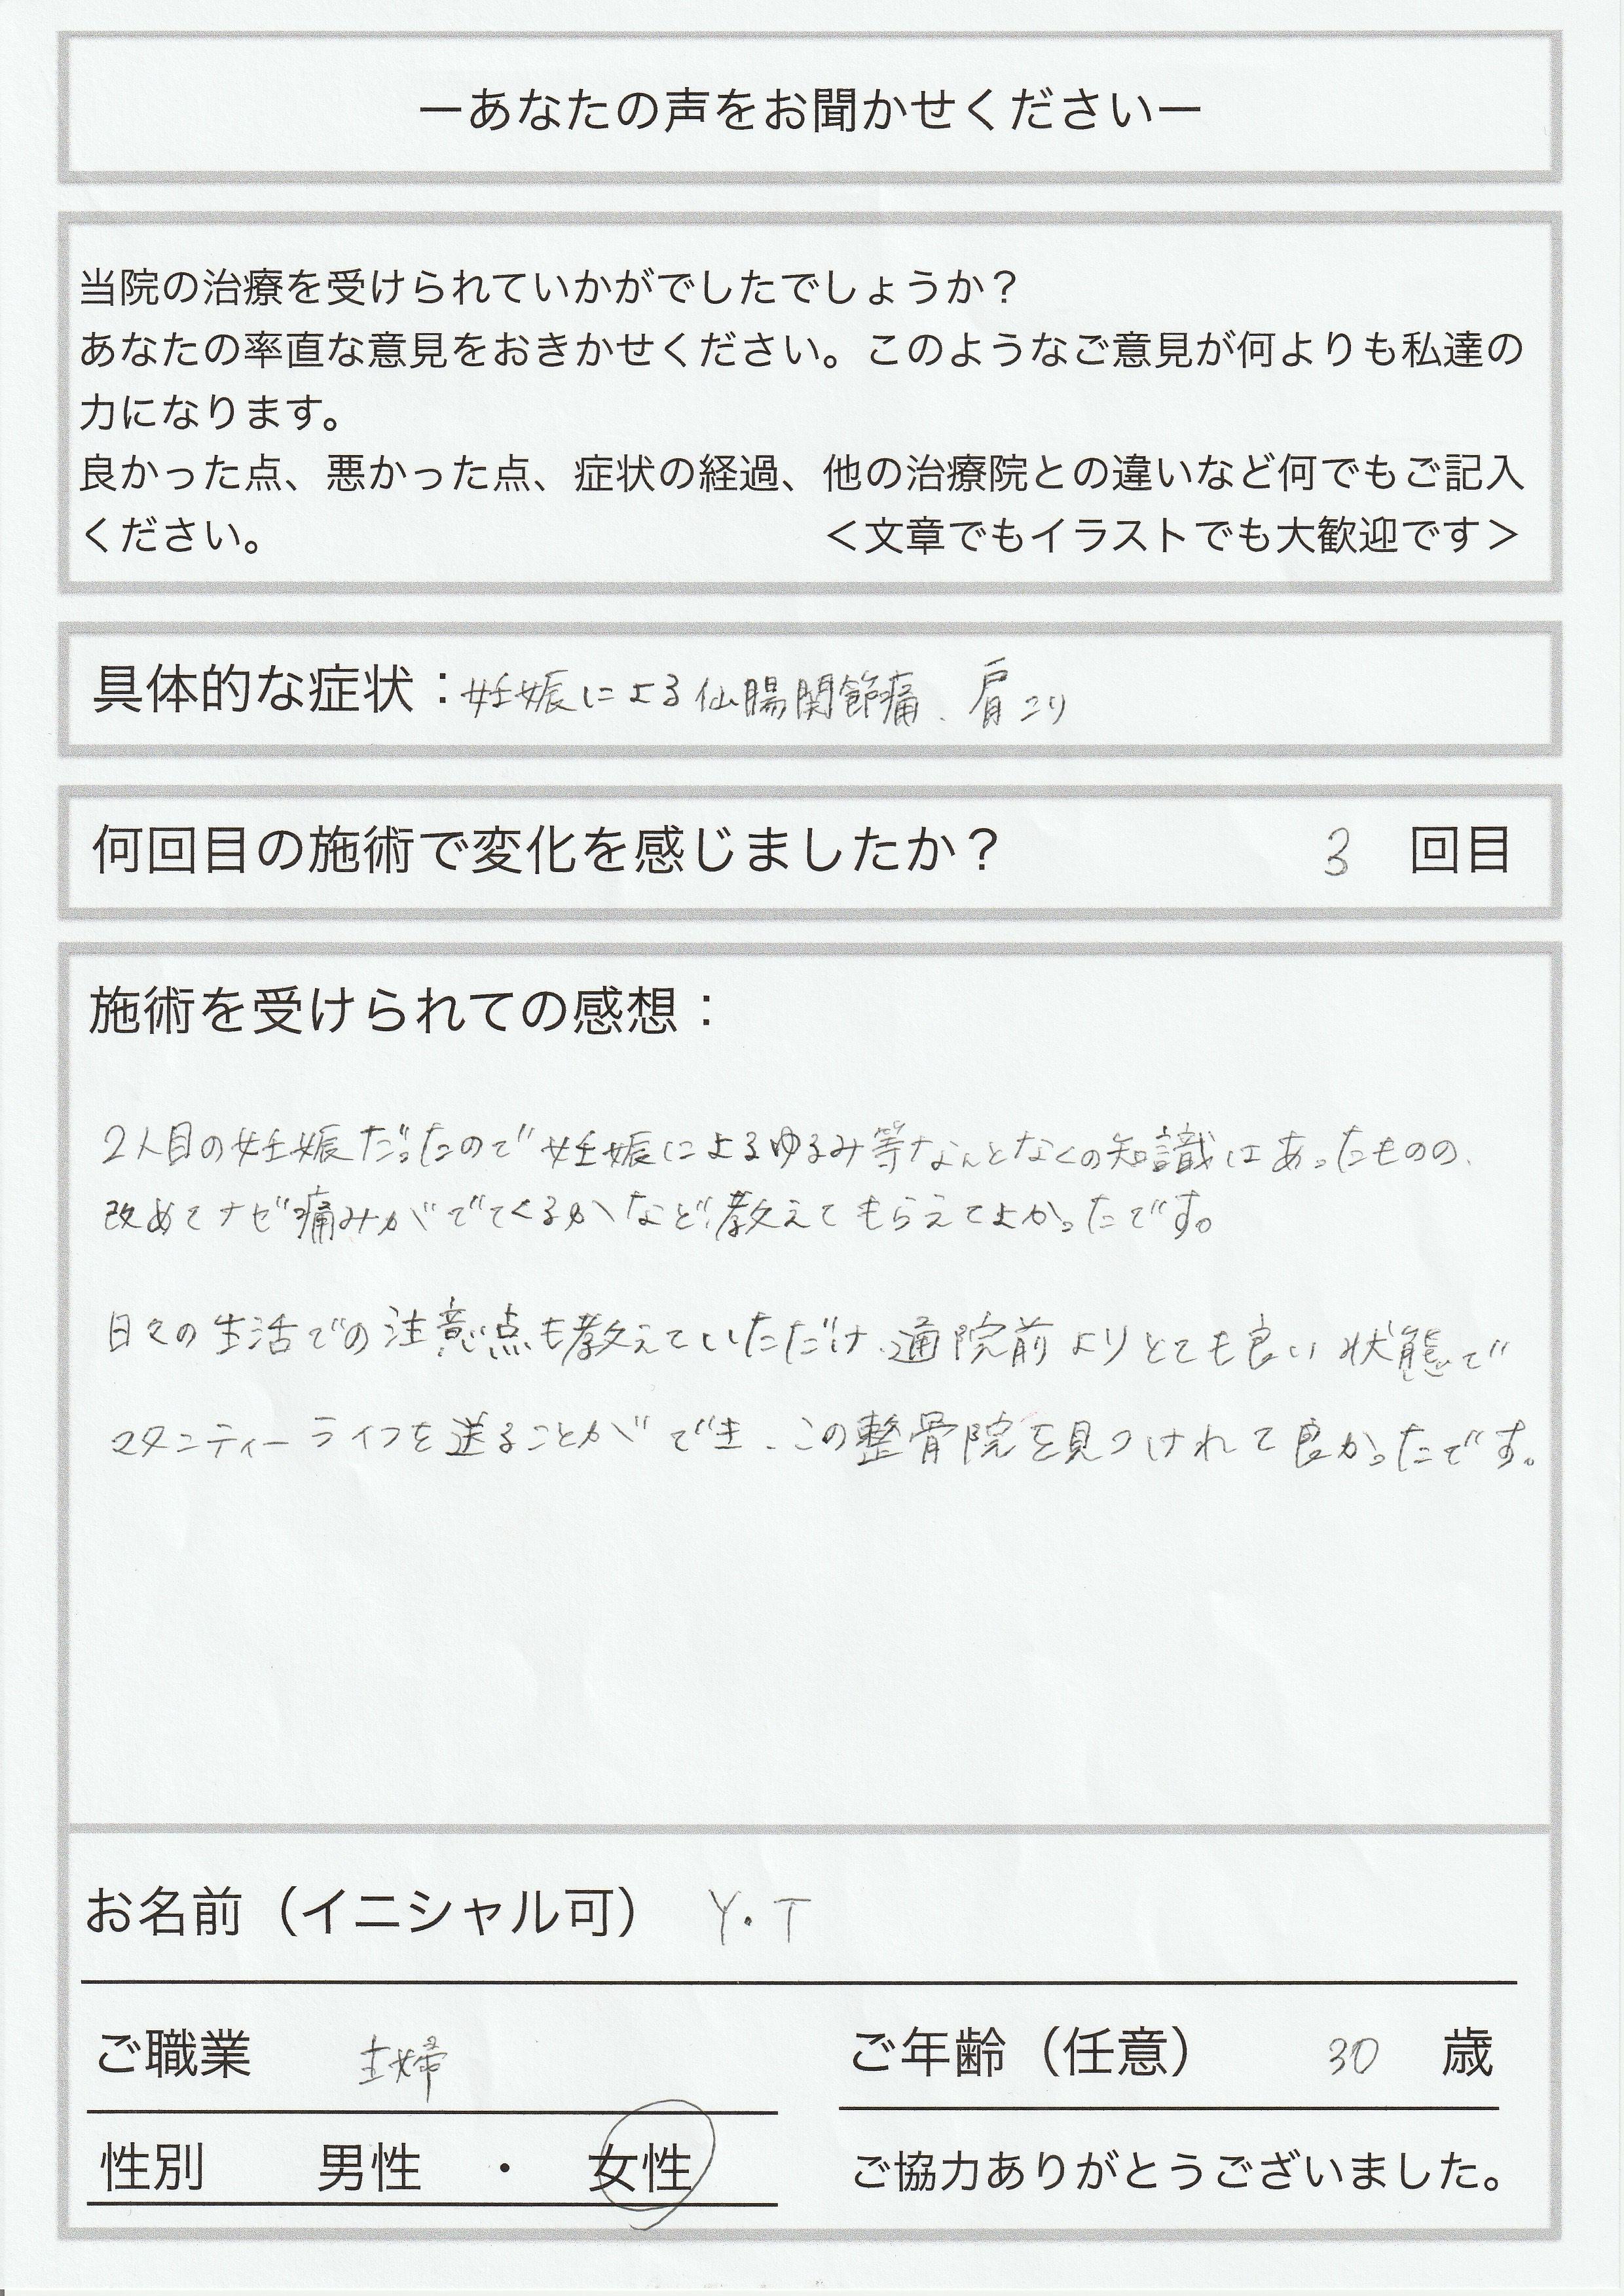 仙腸関節痛,肩こり,妊婦,マタニティケア,大阪